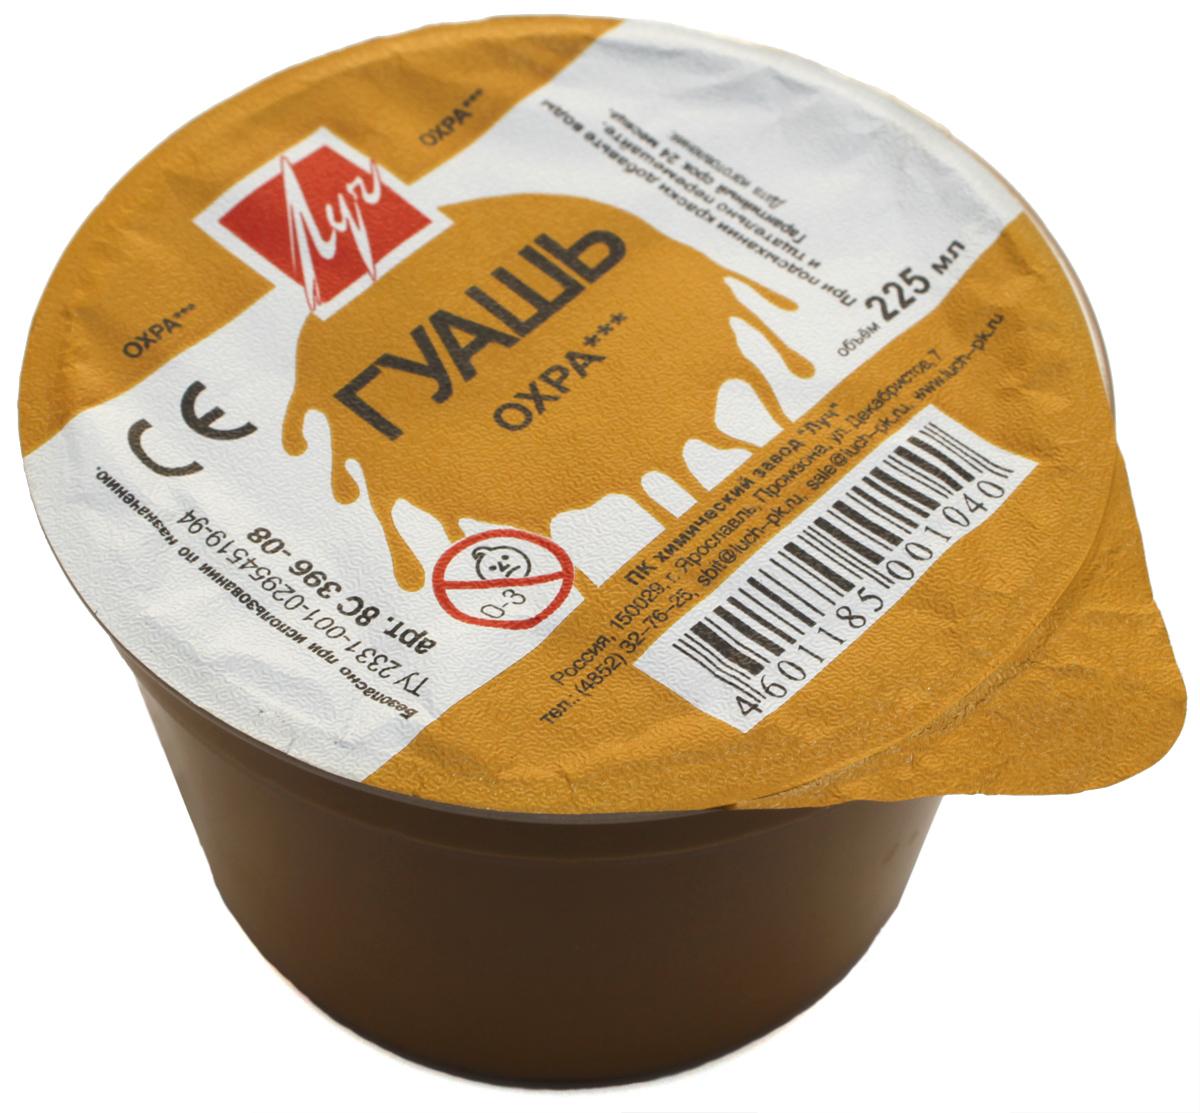 Луч Гуашь цвет охра 225 мл8С 396-08Гуашь охра. Масса: 320 грамм. Прозрачная, водоразбавляемая, быстро сохнет. Помещена в пластиковую упаковку с прозрачной крышкой. Продукт не токсичен.